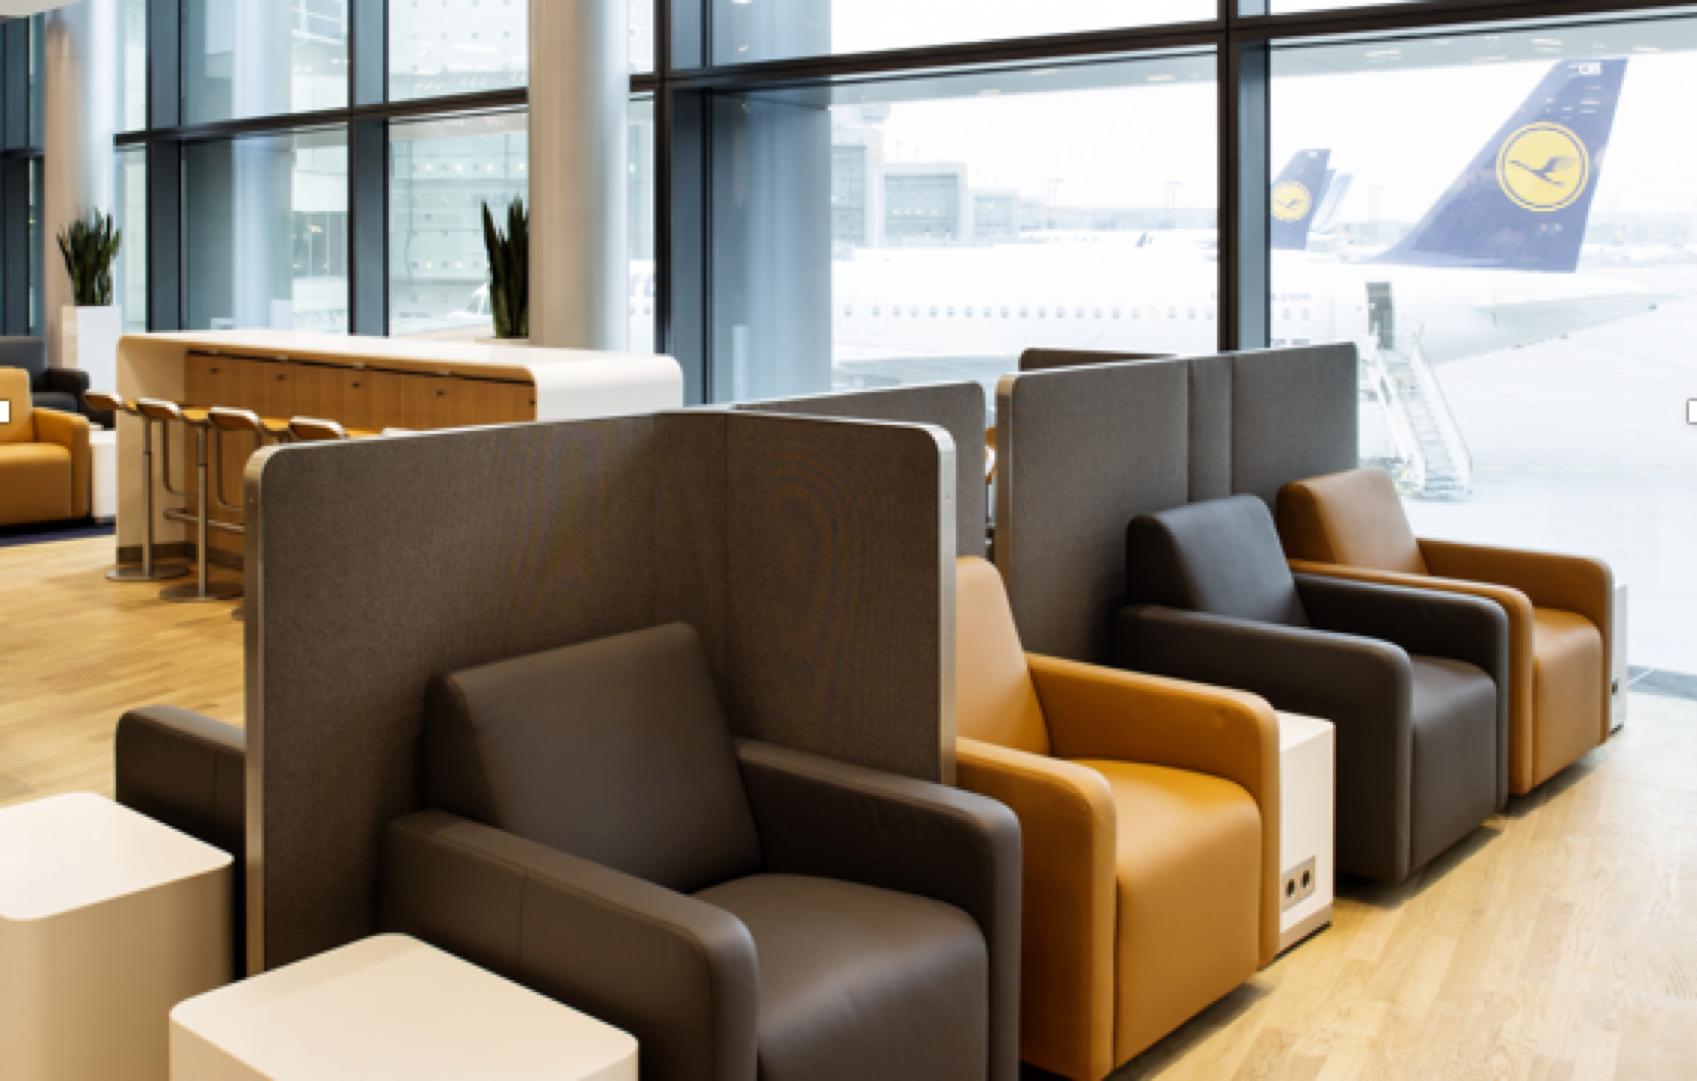 Lufthansa Lounge Zugang kaufen